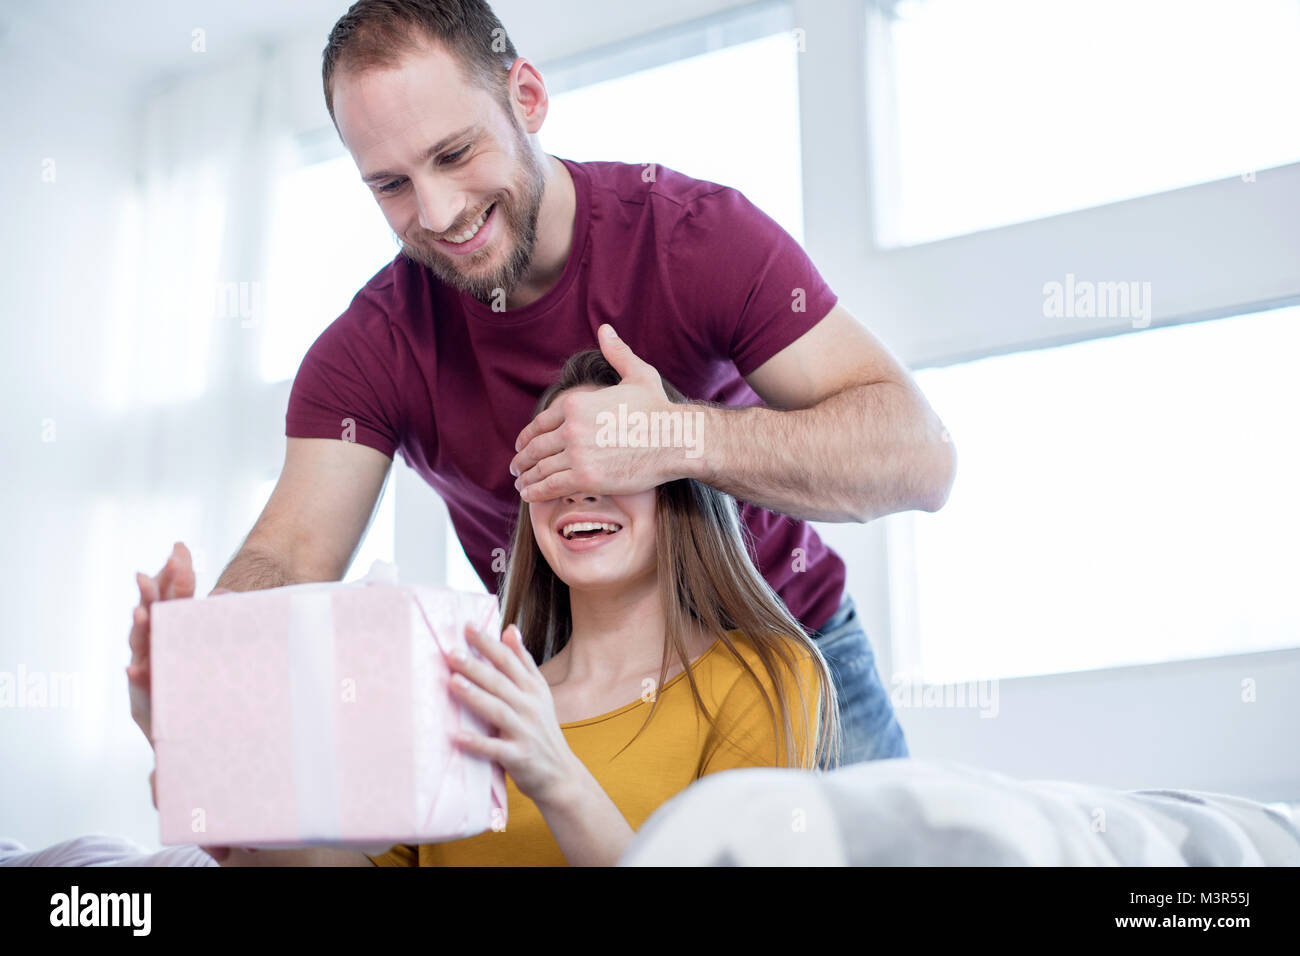 Cheerful man de faire un don à sa femme bien-aimée Photo Stock